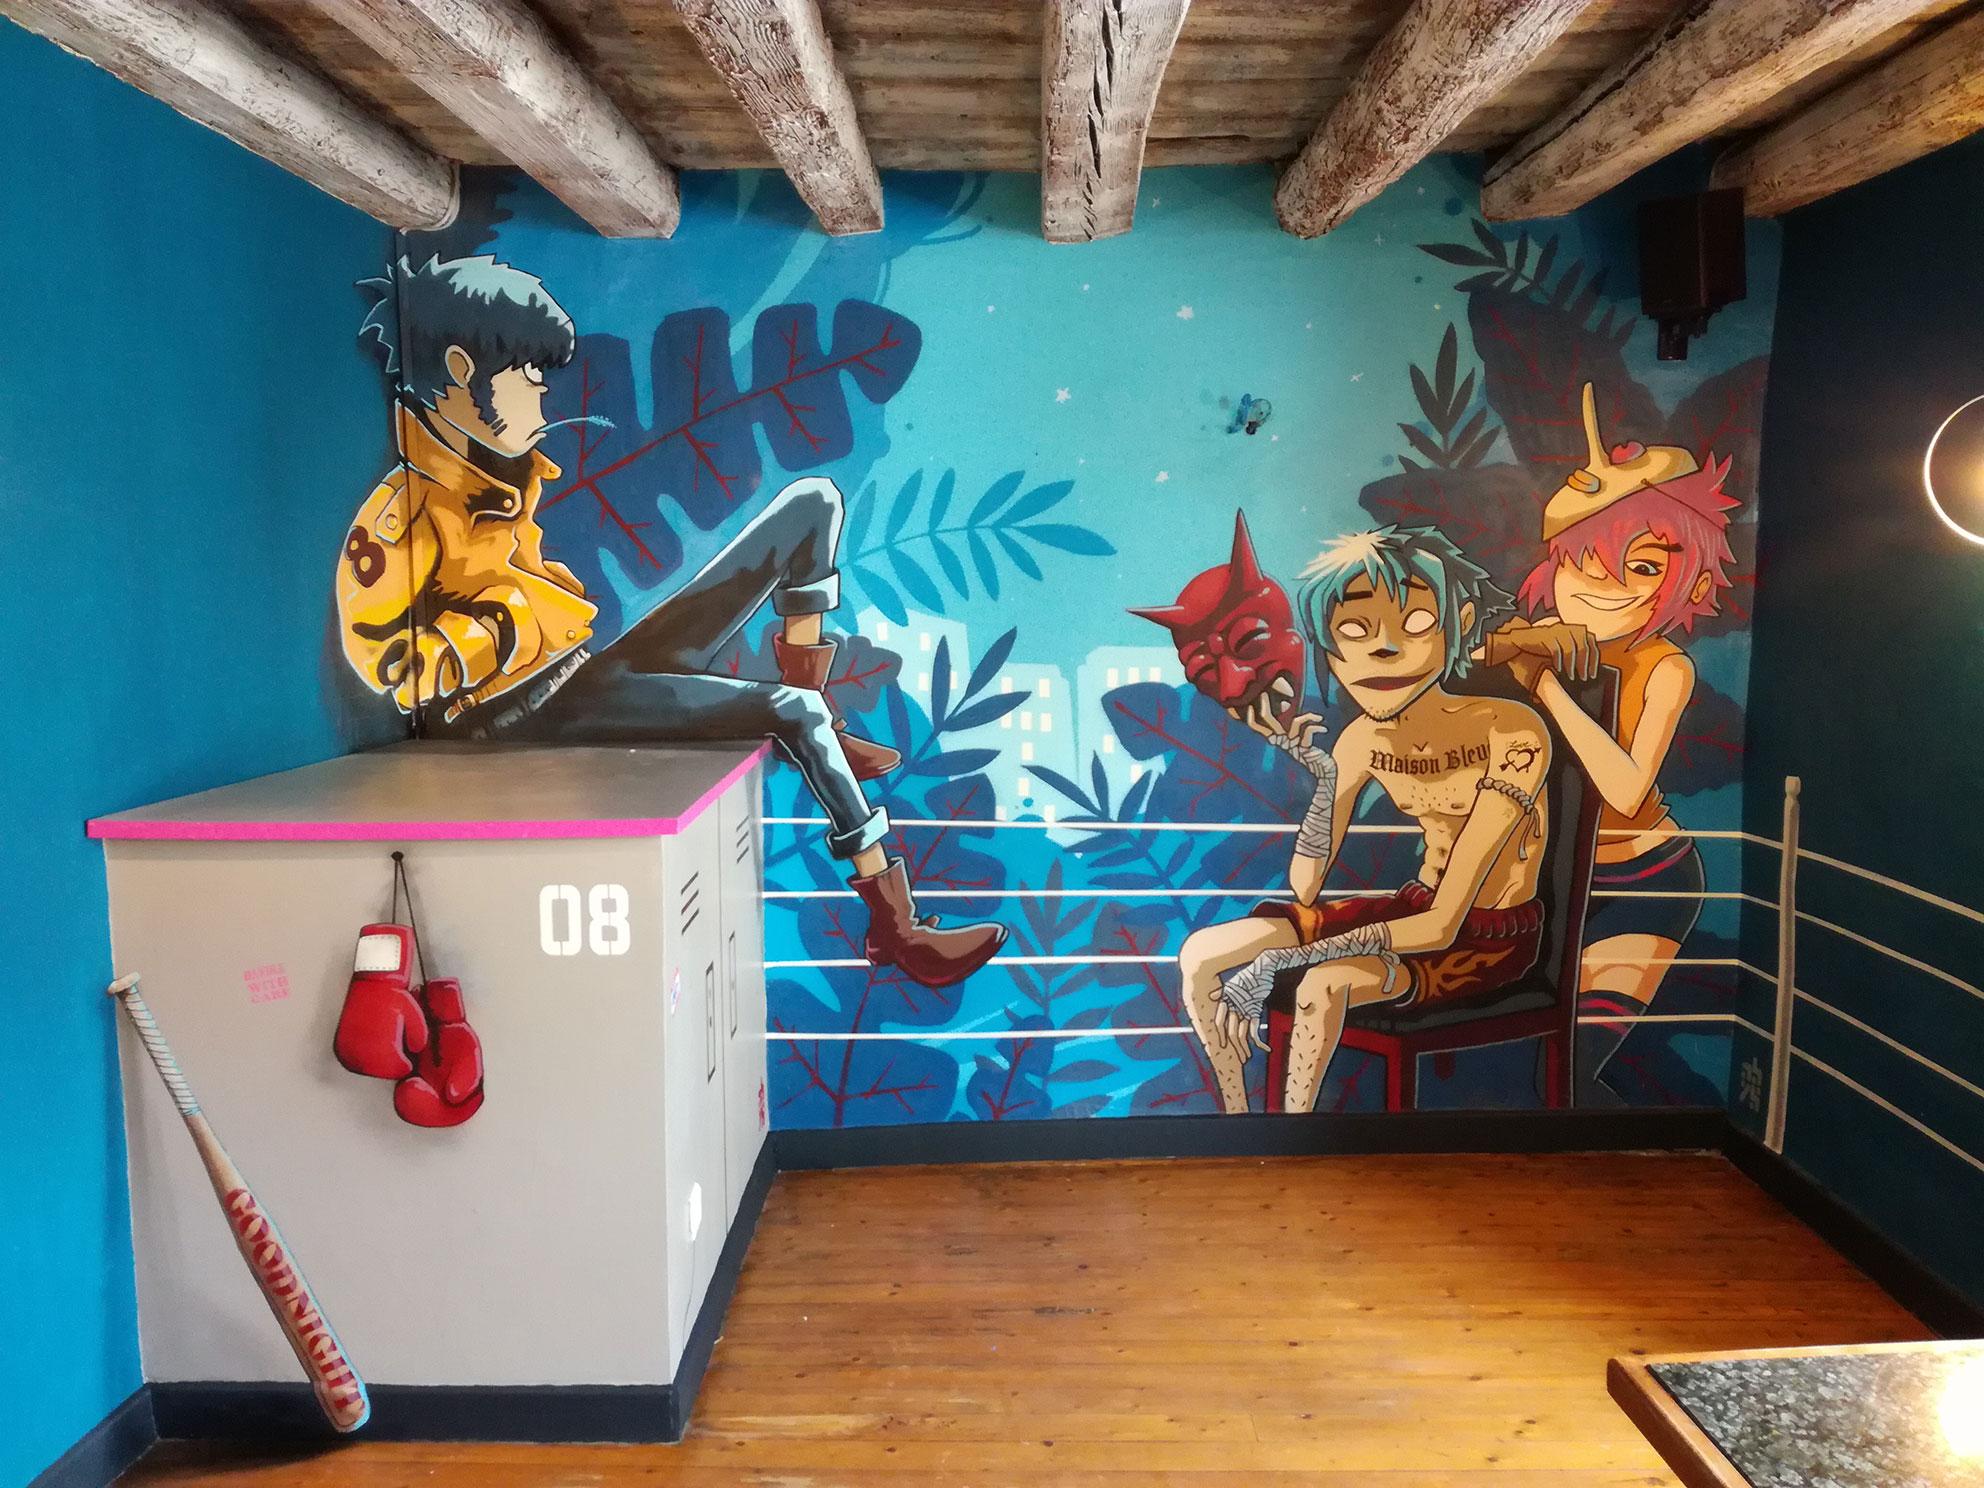 anamorphose lyon abys bar maison bleue décoration spray graffiti gorillaz peinture murale illustration fresque